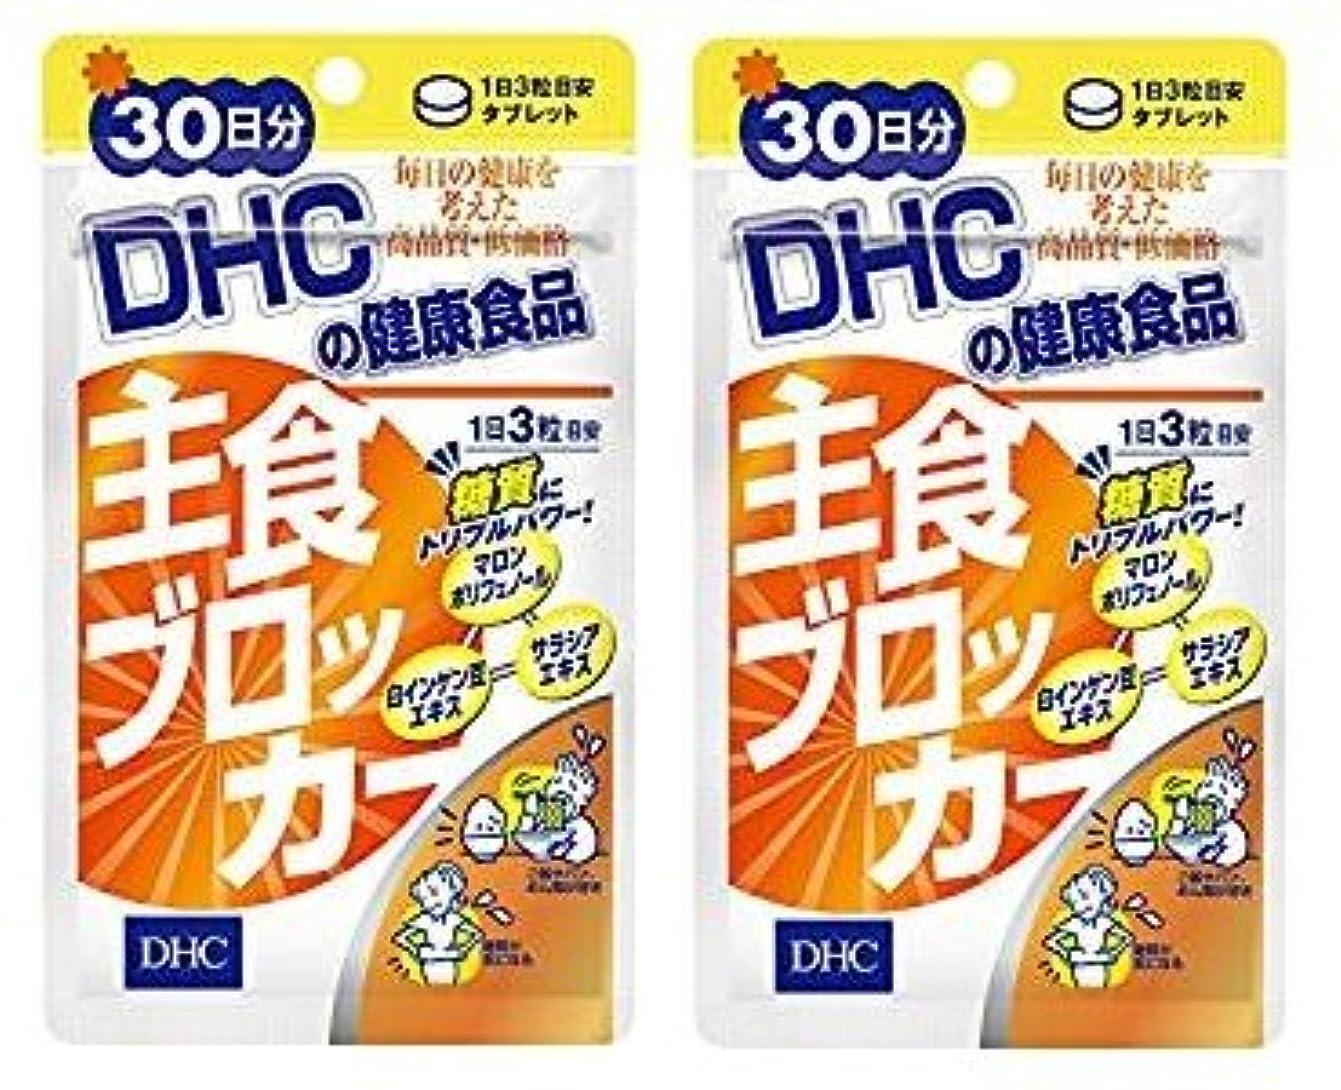 メディカルサーマル枯渇する【2個セット】DHC 主食ブロッカー 30日分